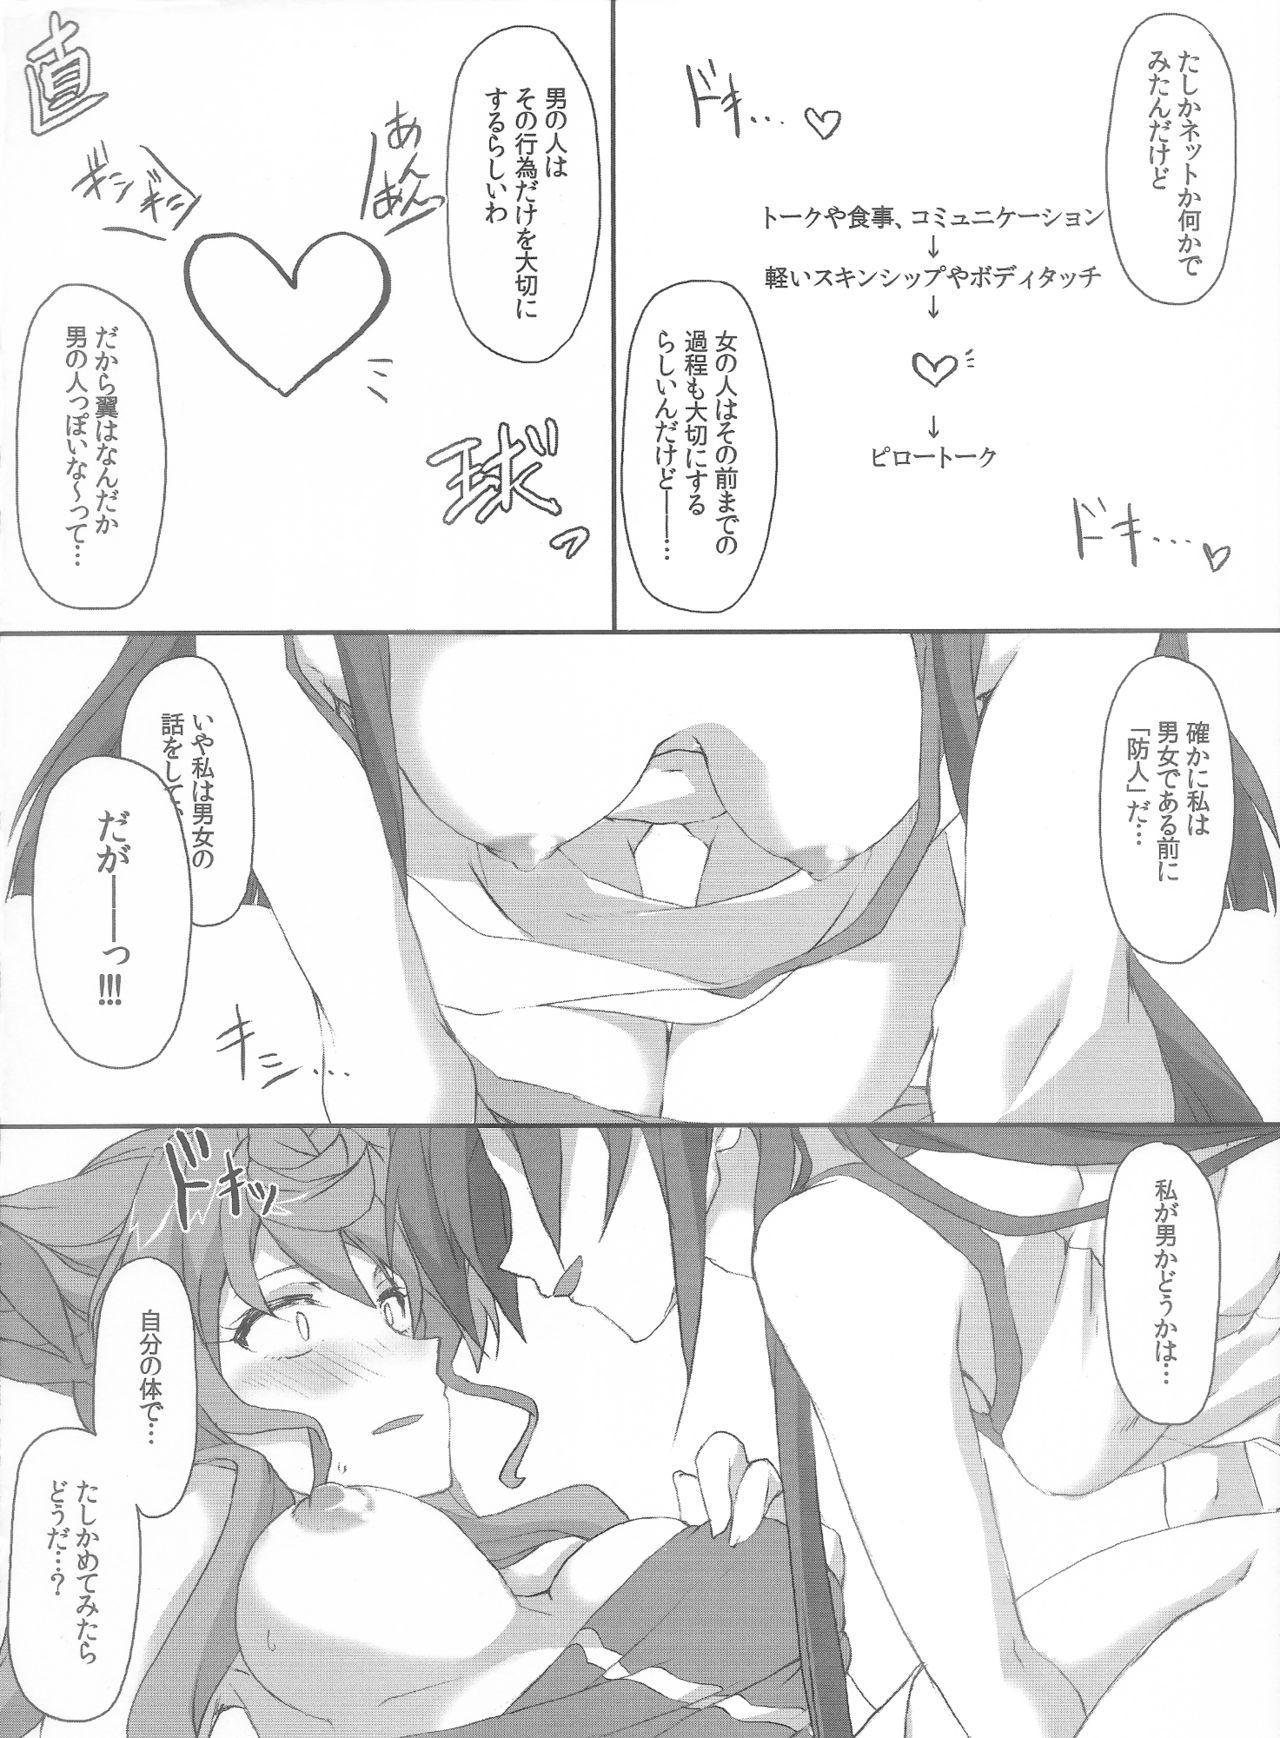 Docchi no sakimori ga suki desu ka? 4